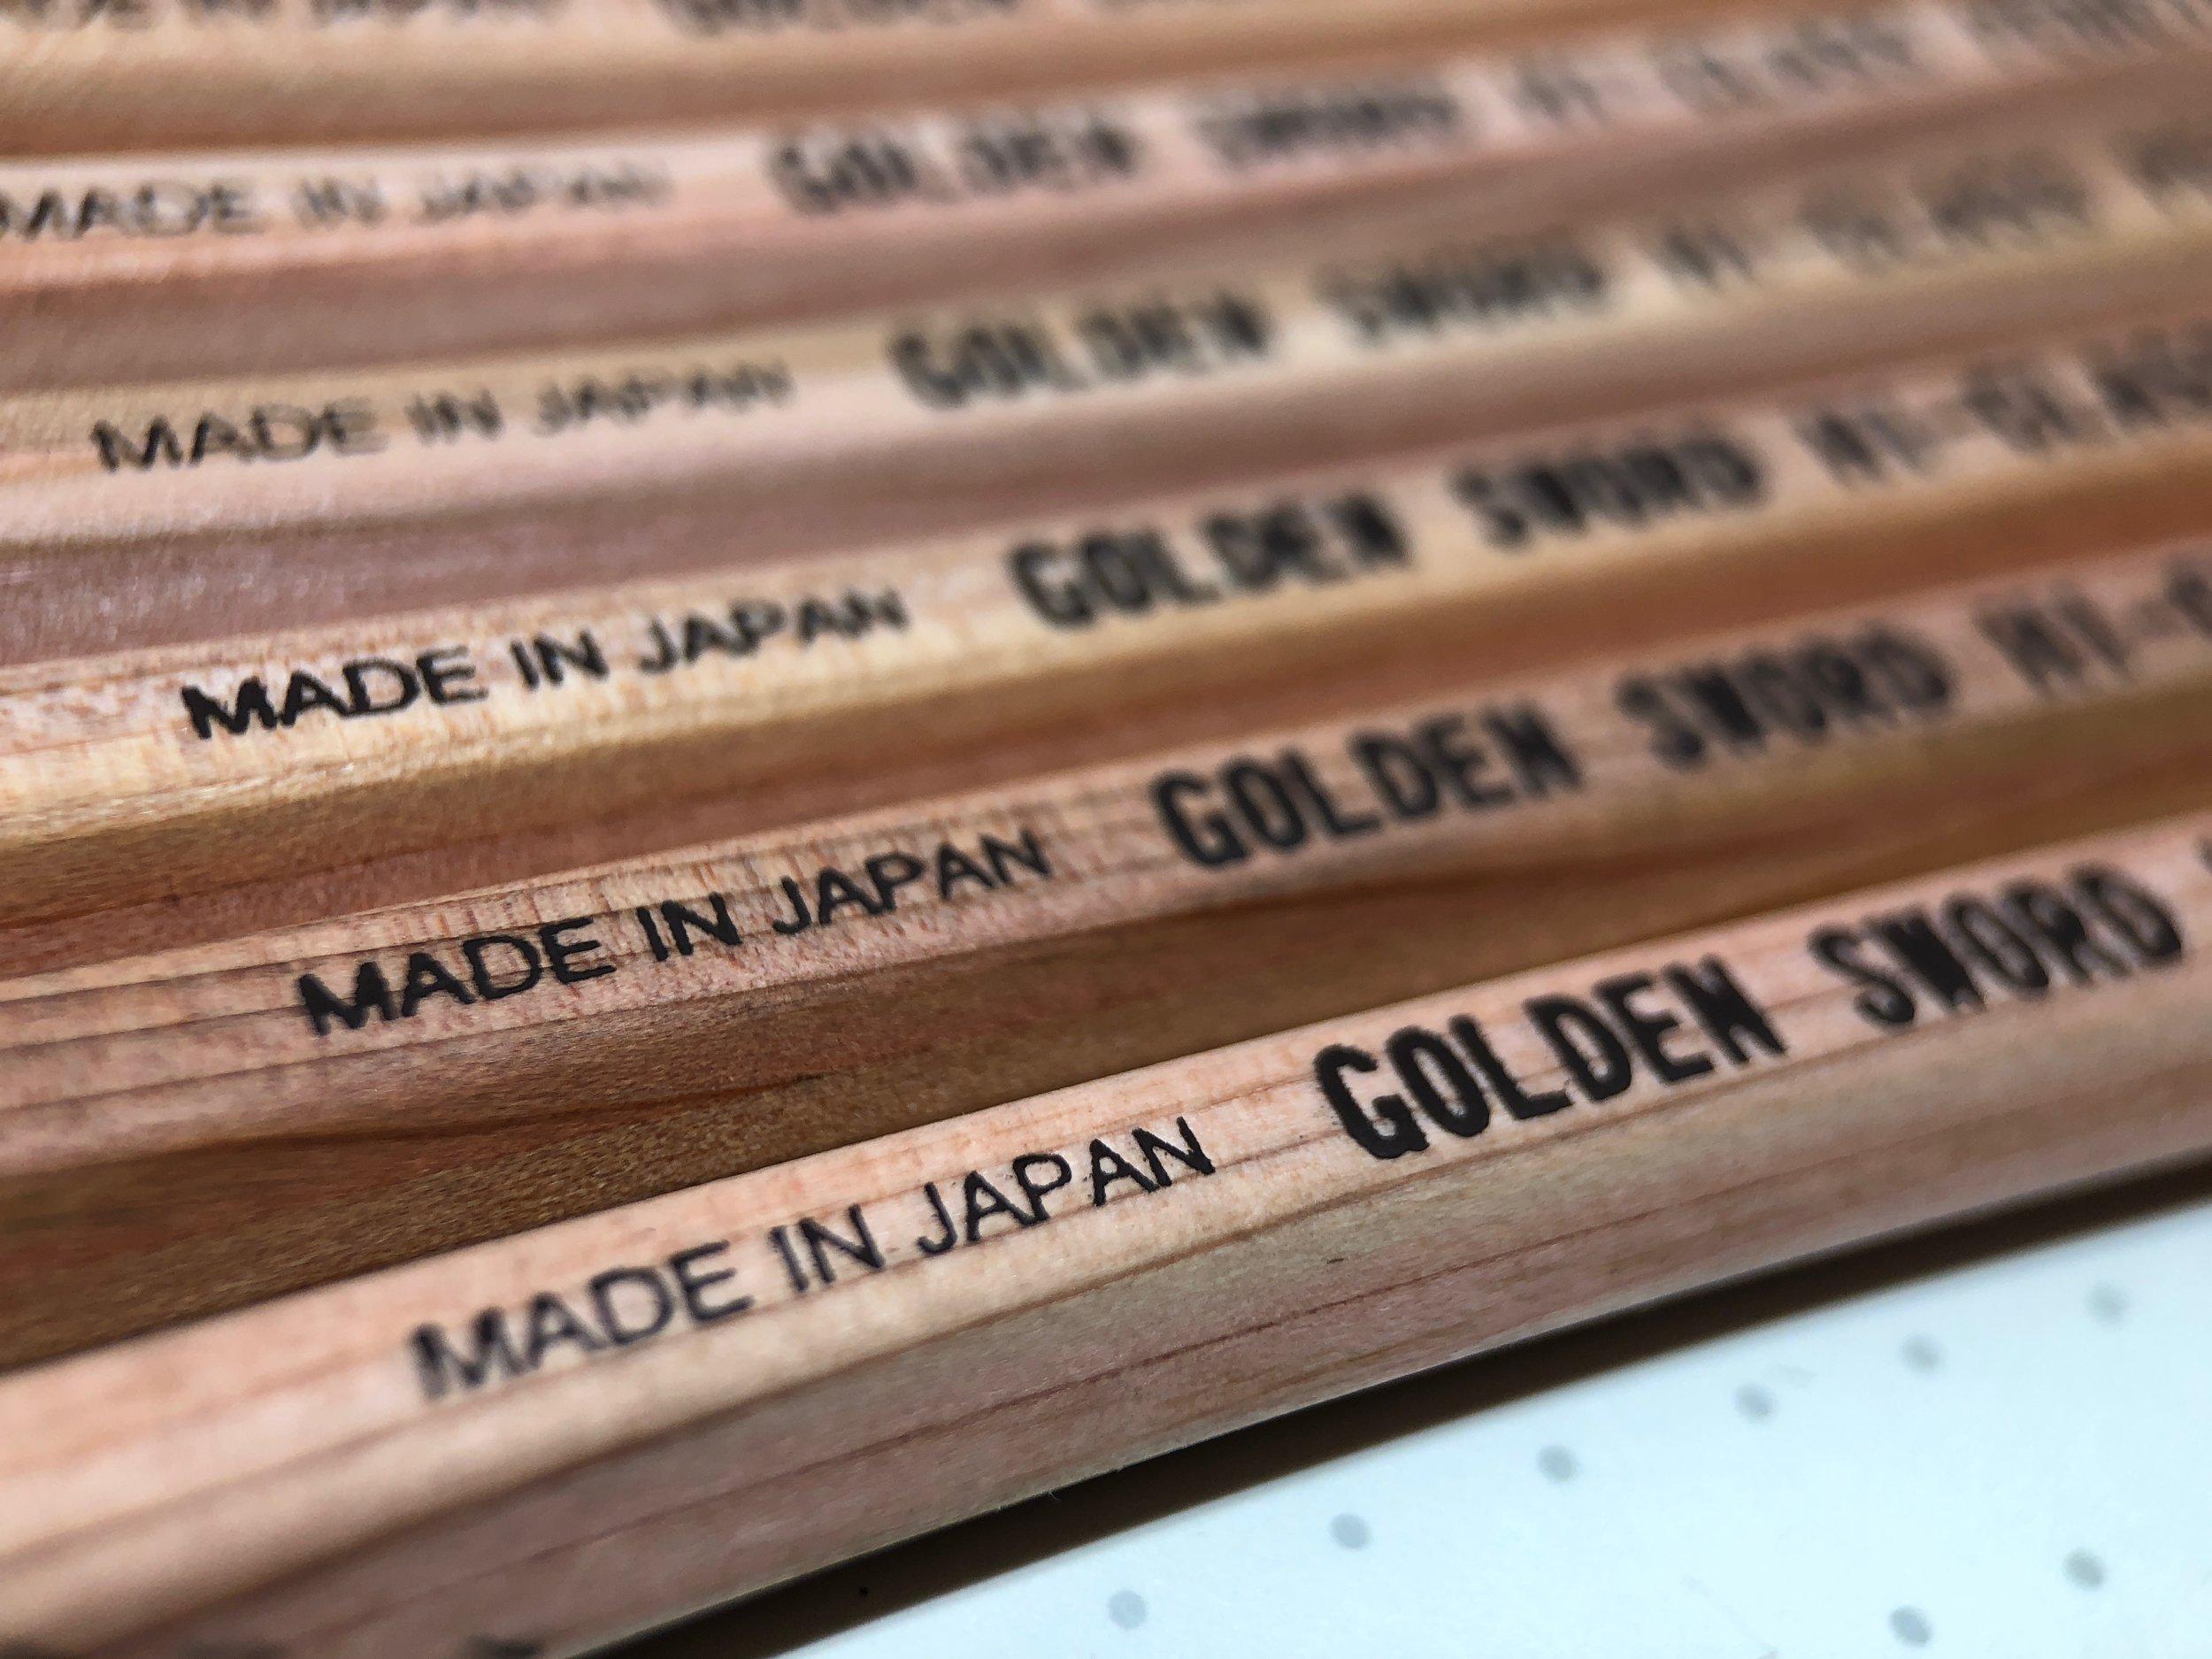 daiso-golden-sword-pencil-4.jpg